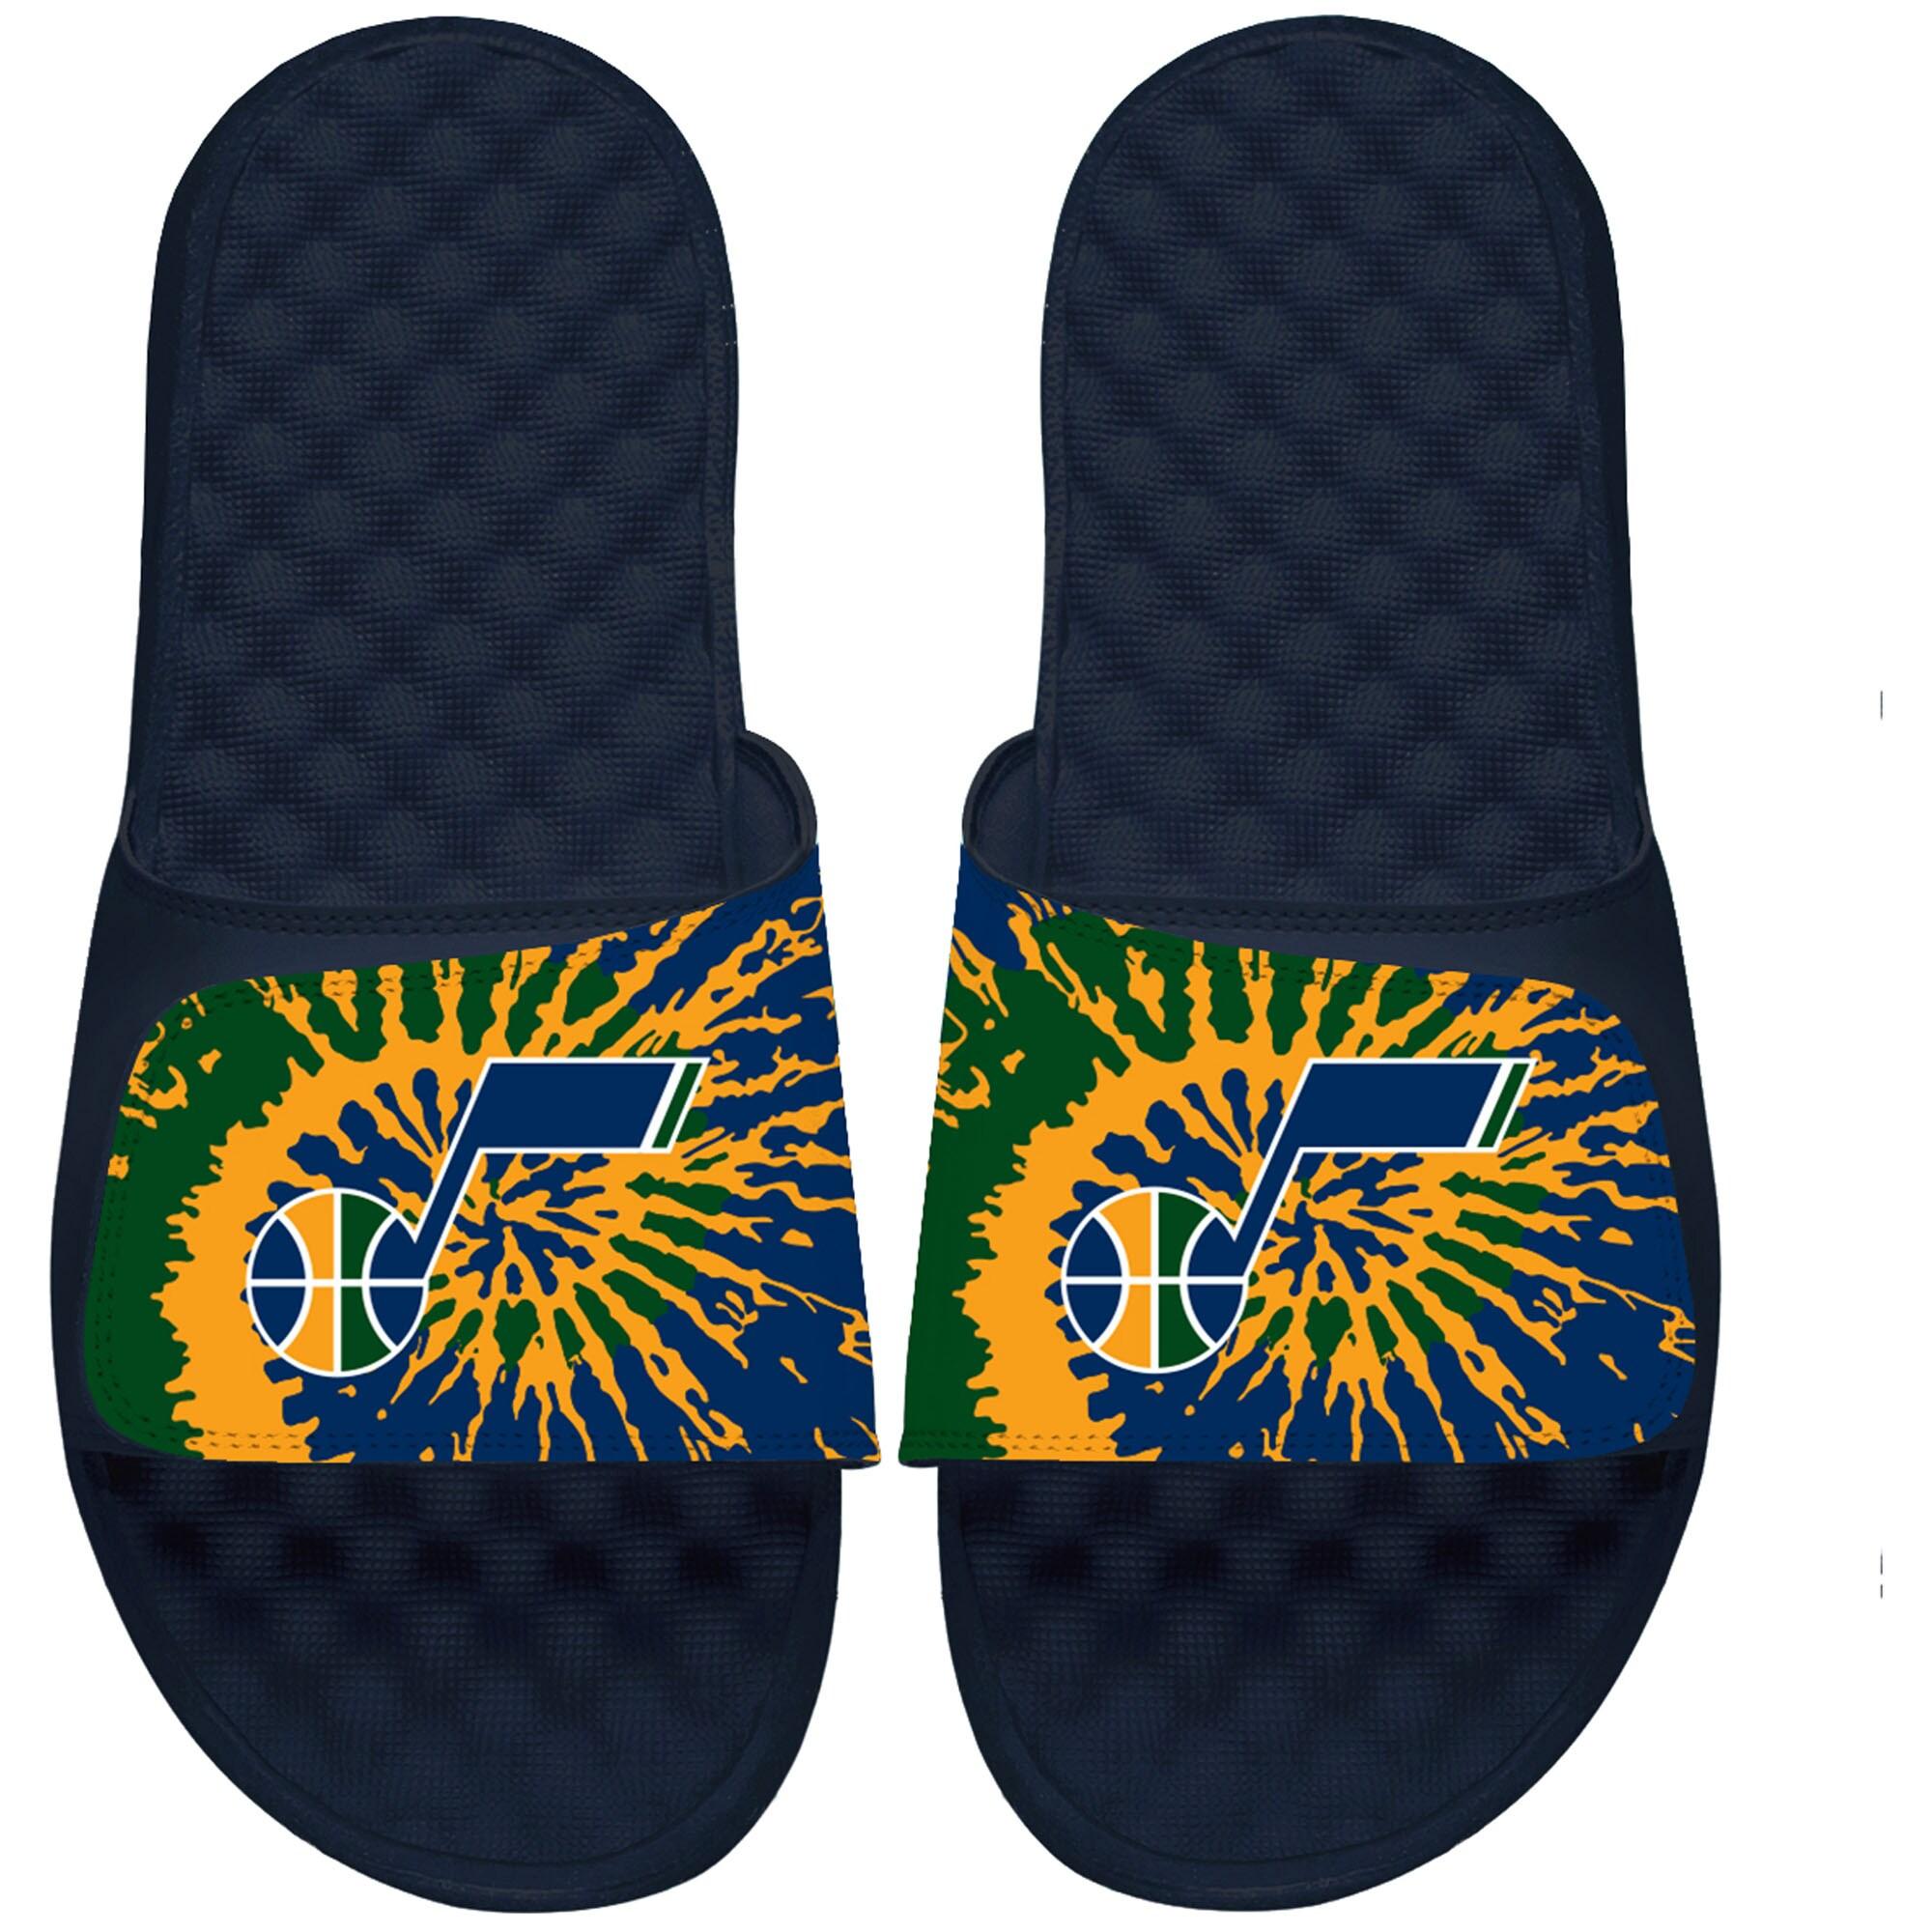 Utah Jazz ISlide Tie Dye Slide Sandals - Navy